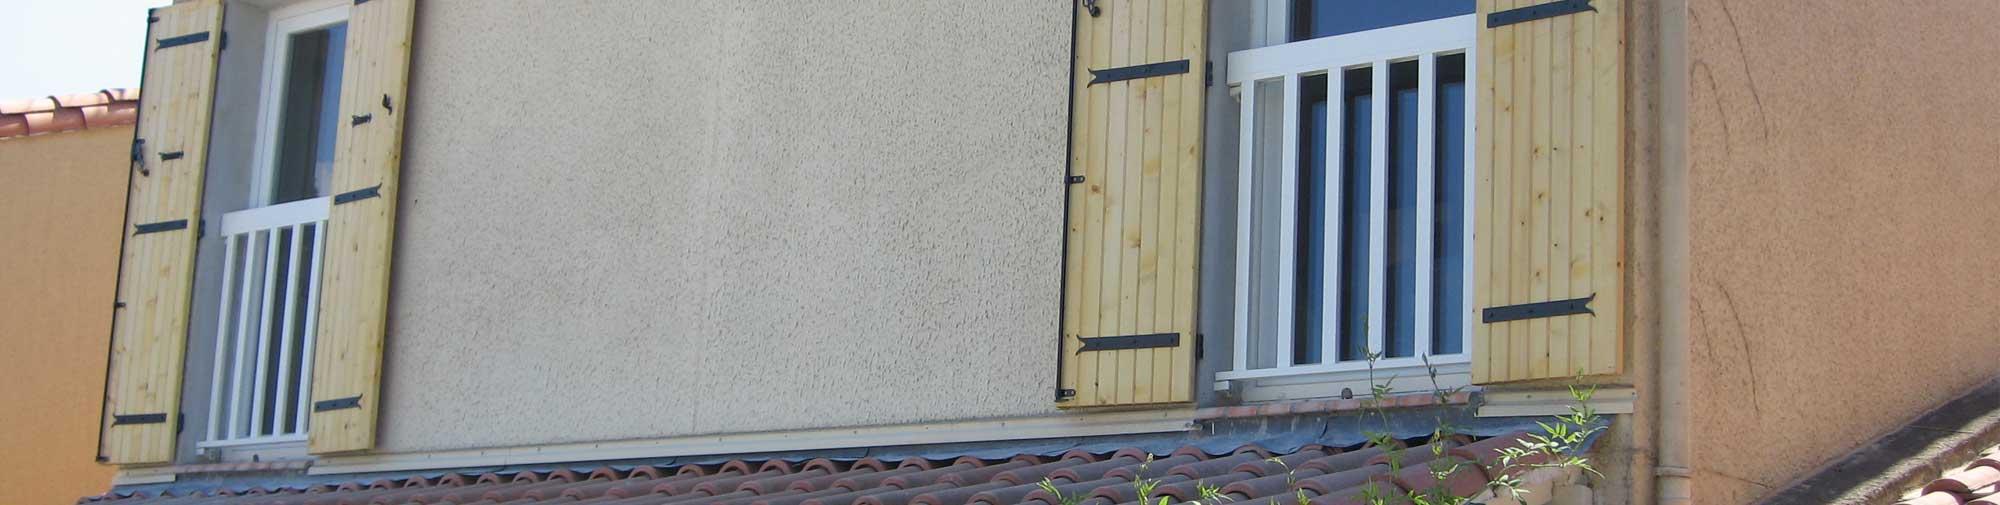 Rénovation fenêtre PVC avec dépose totale